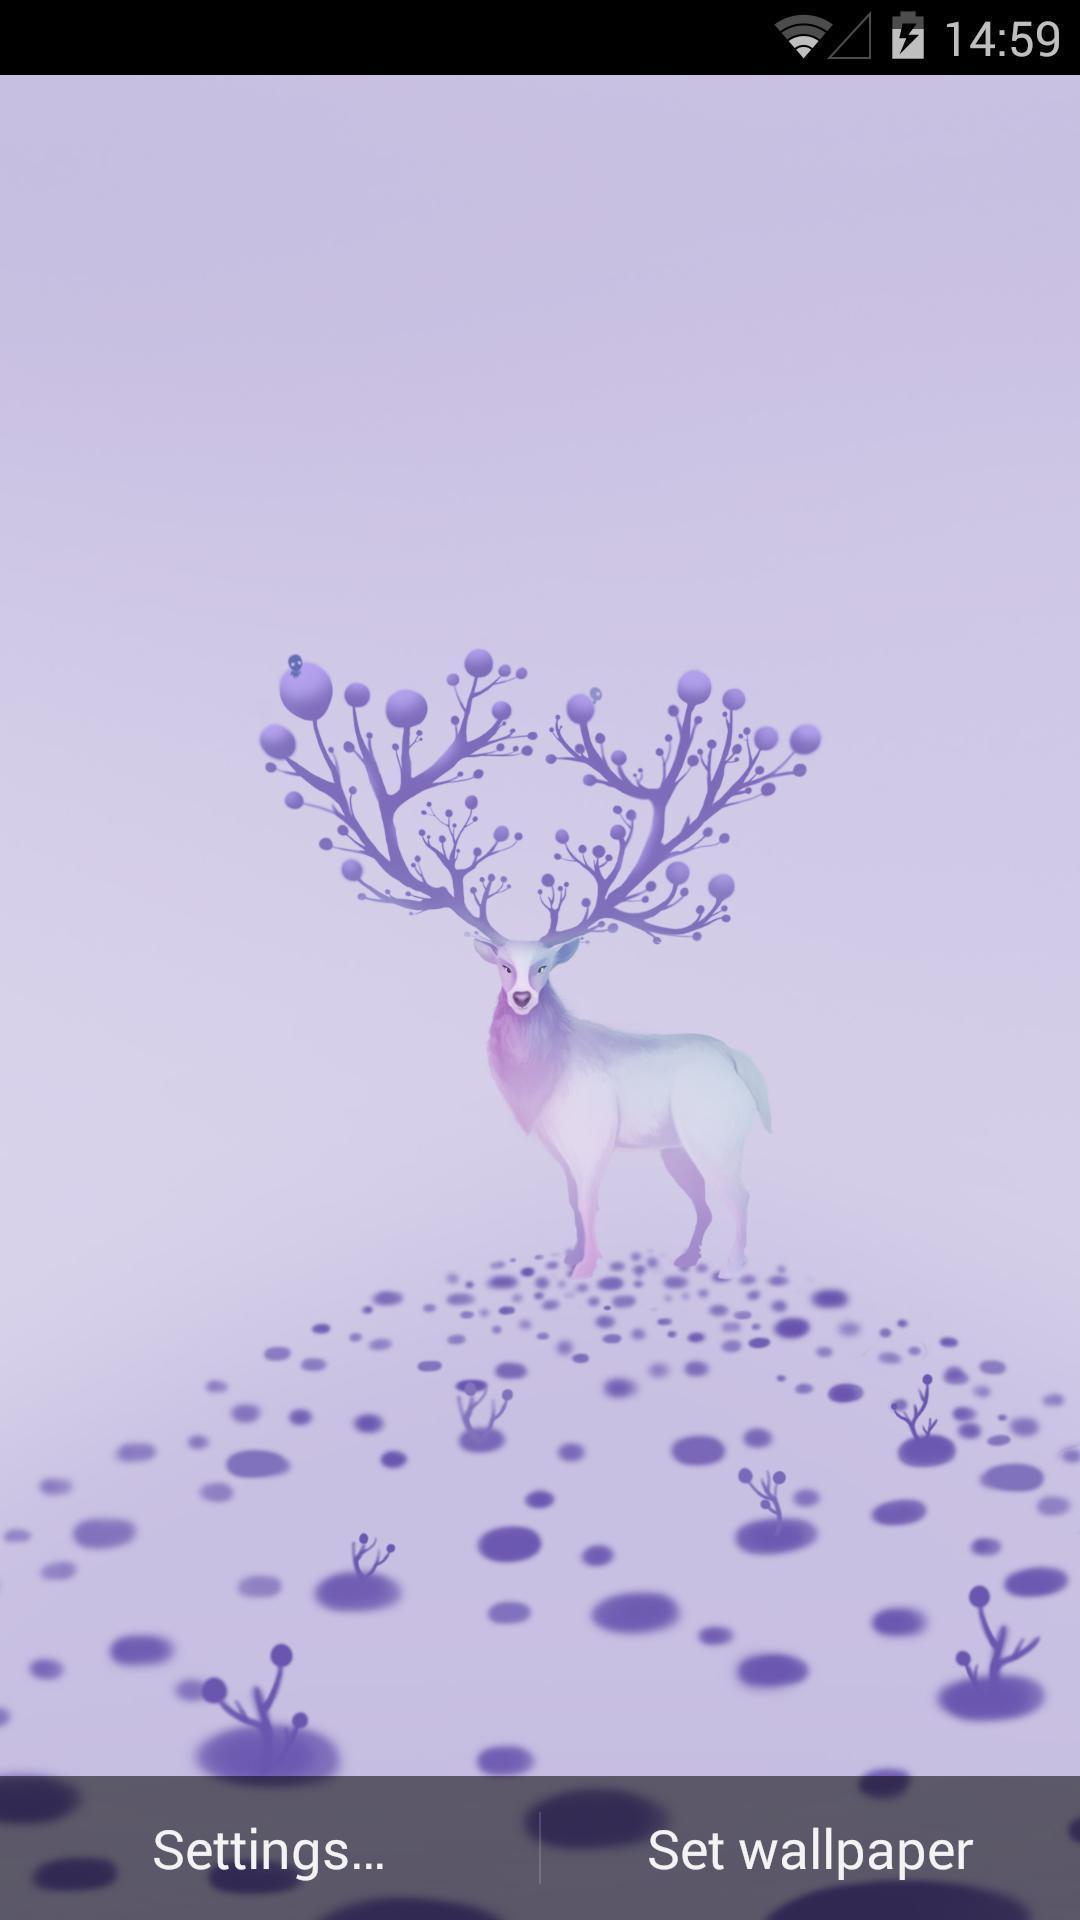 麋鹿-梦象动态壁纸